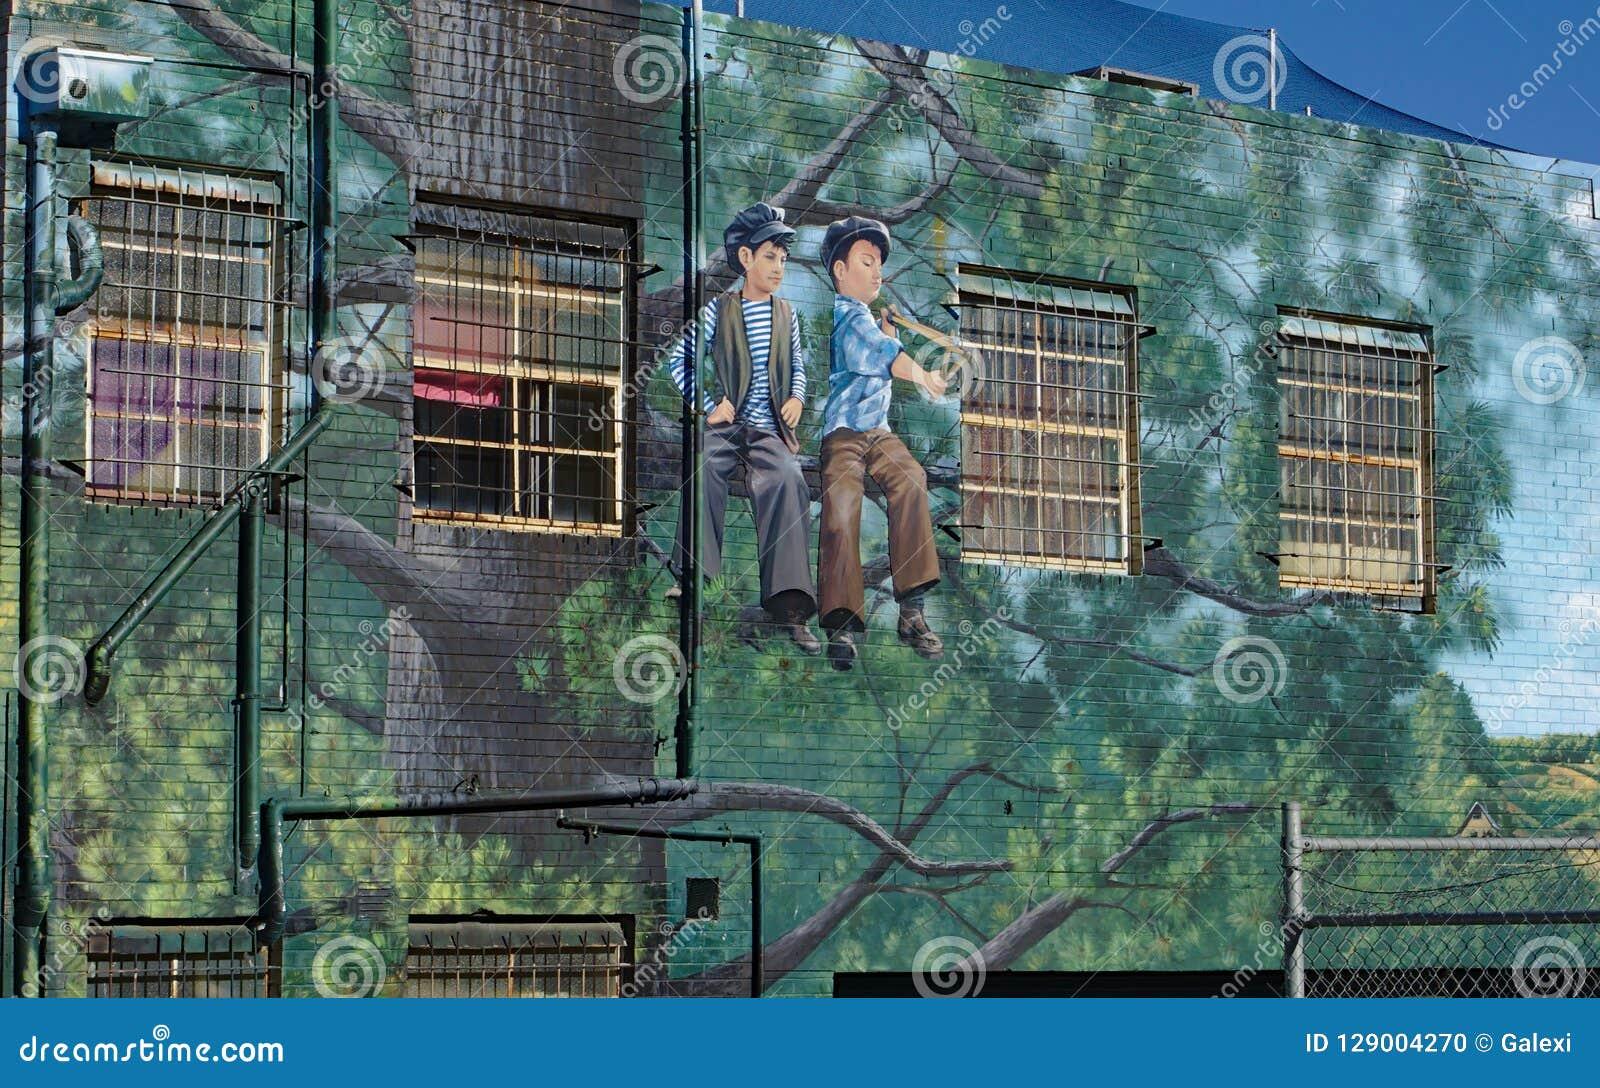 Street art of two boys sitting on tree at Frankston, Australia